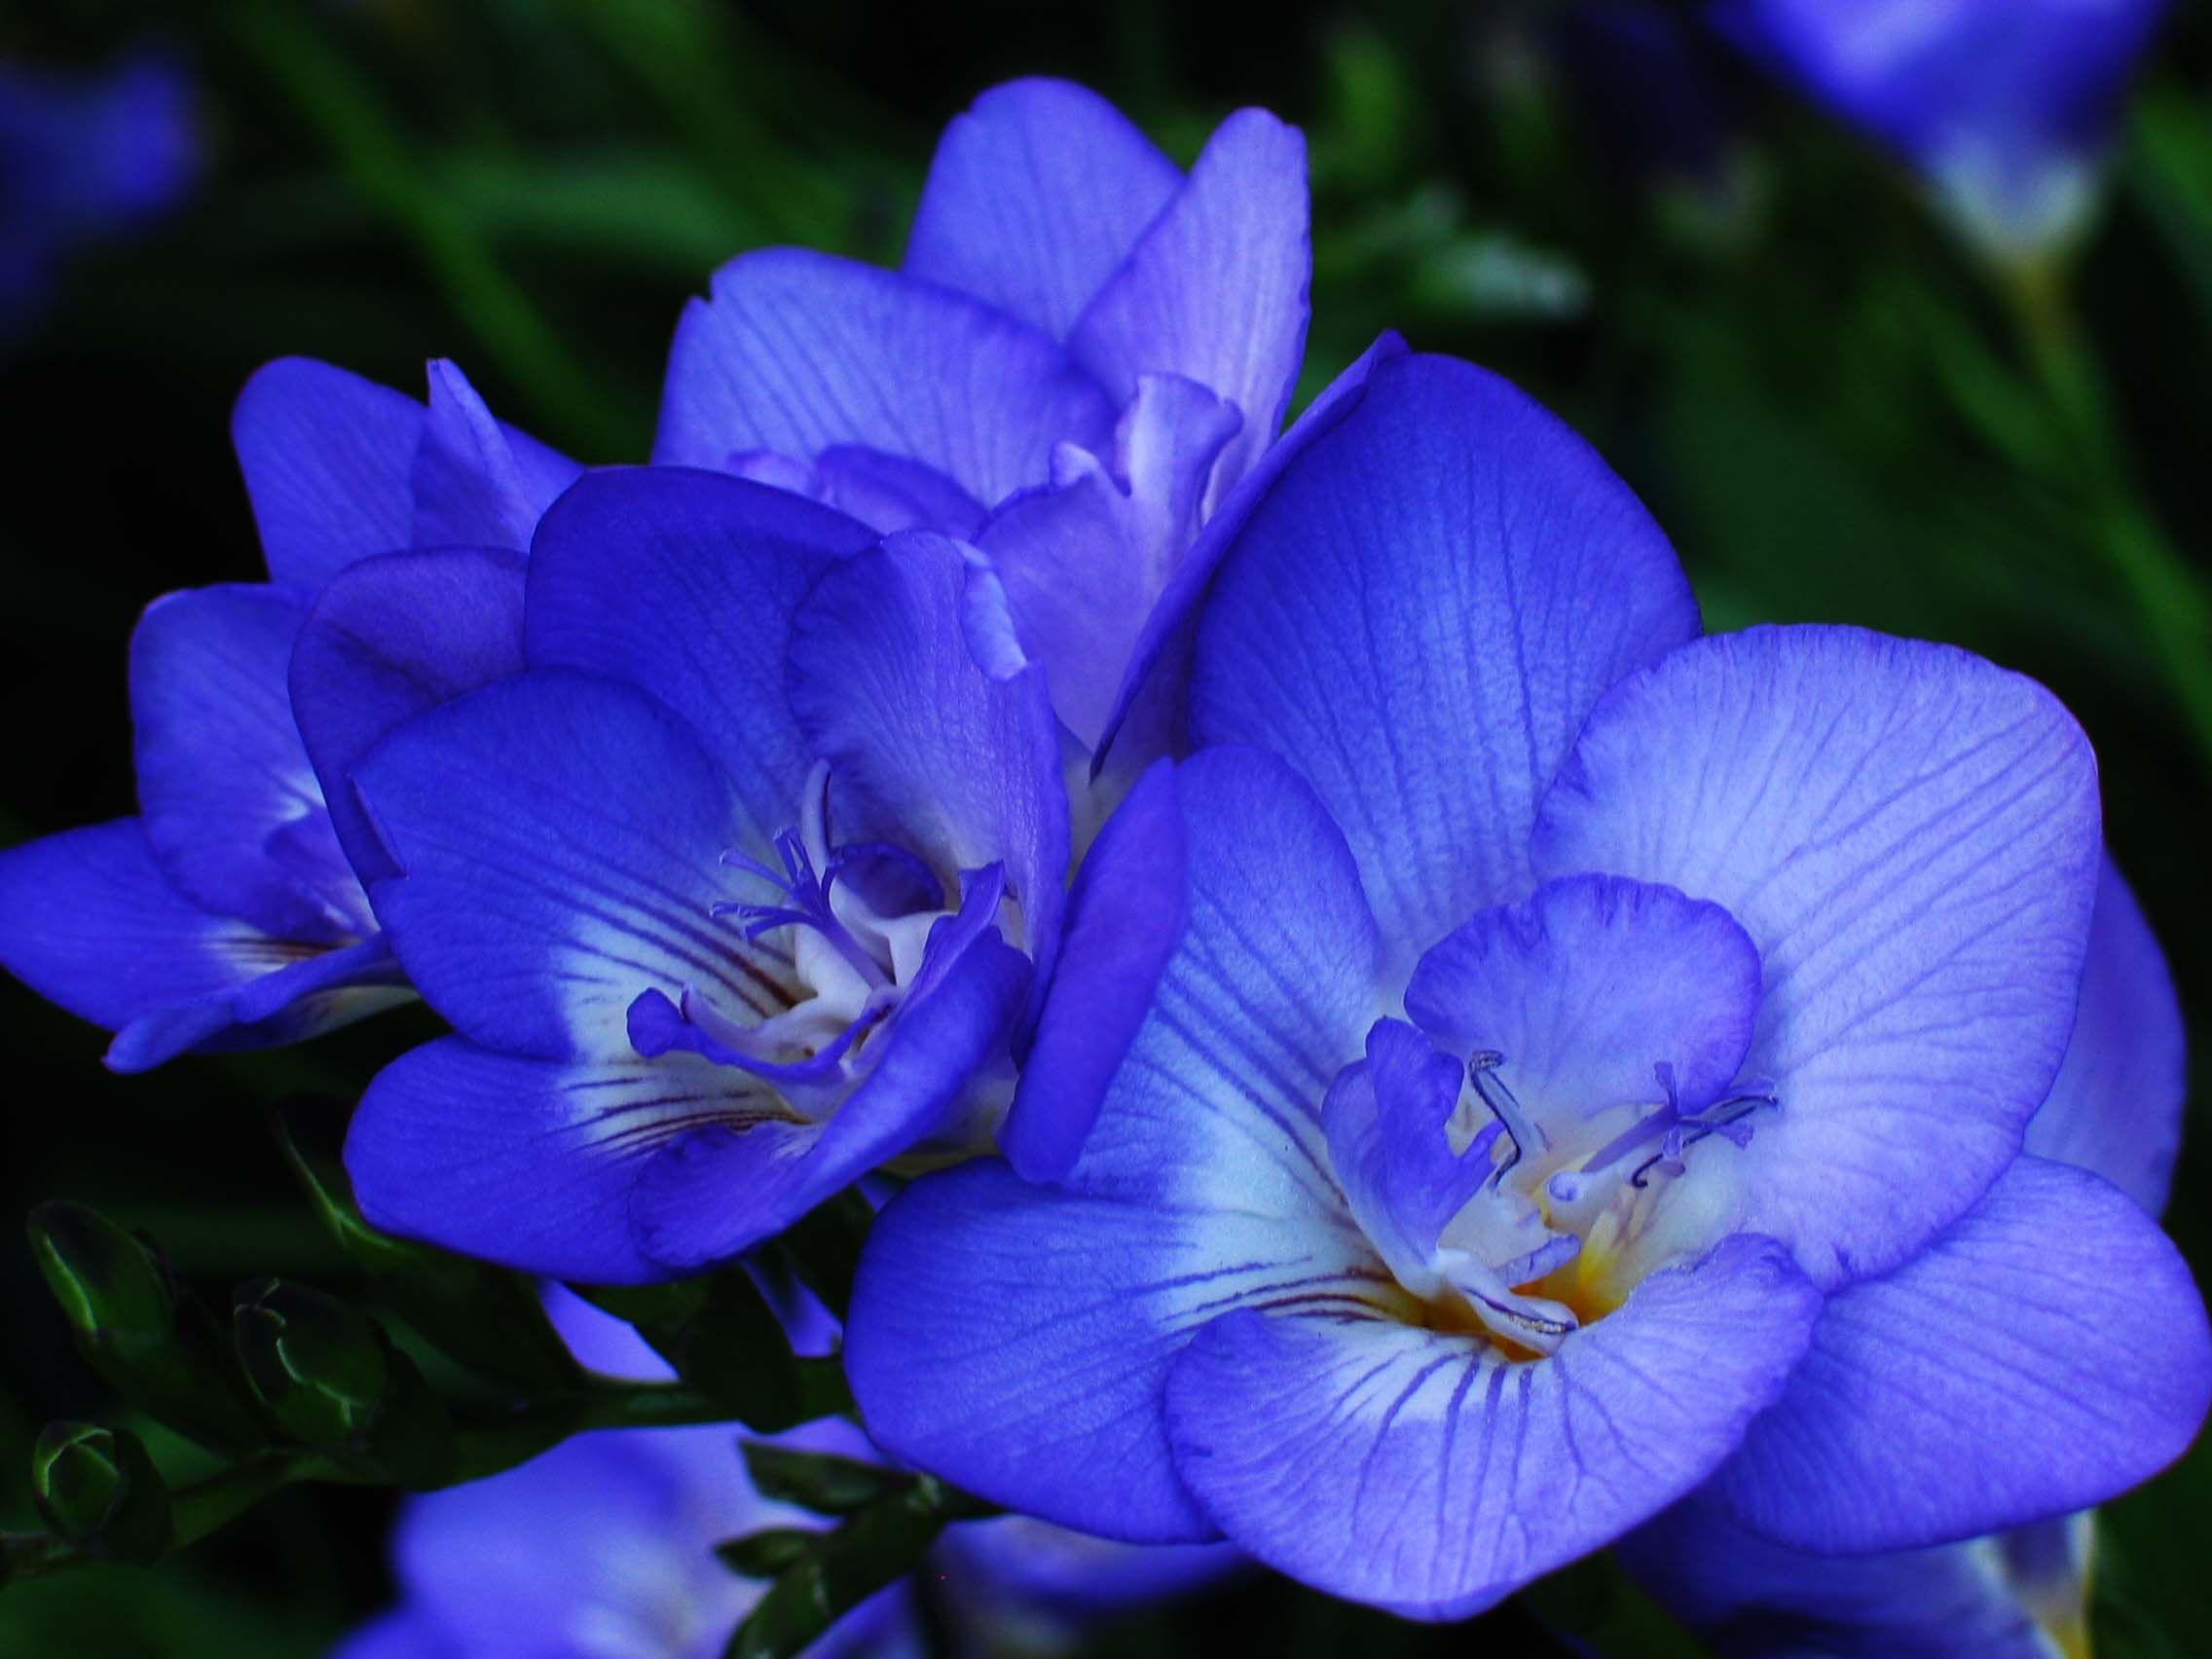 Blue day lilies c bill tietjen photo art day